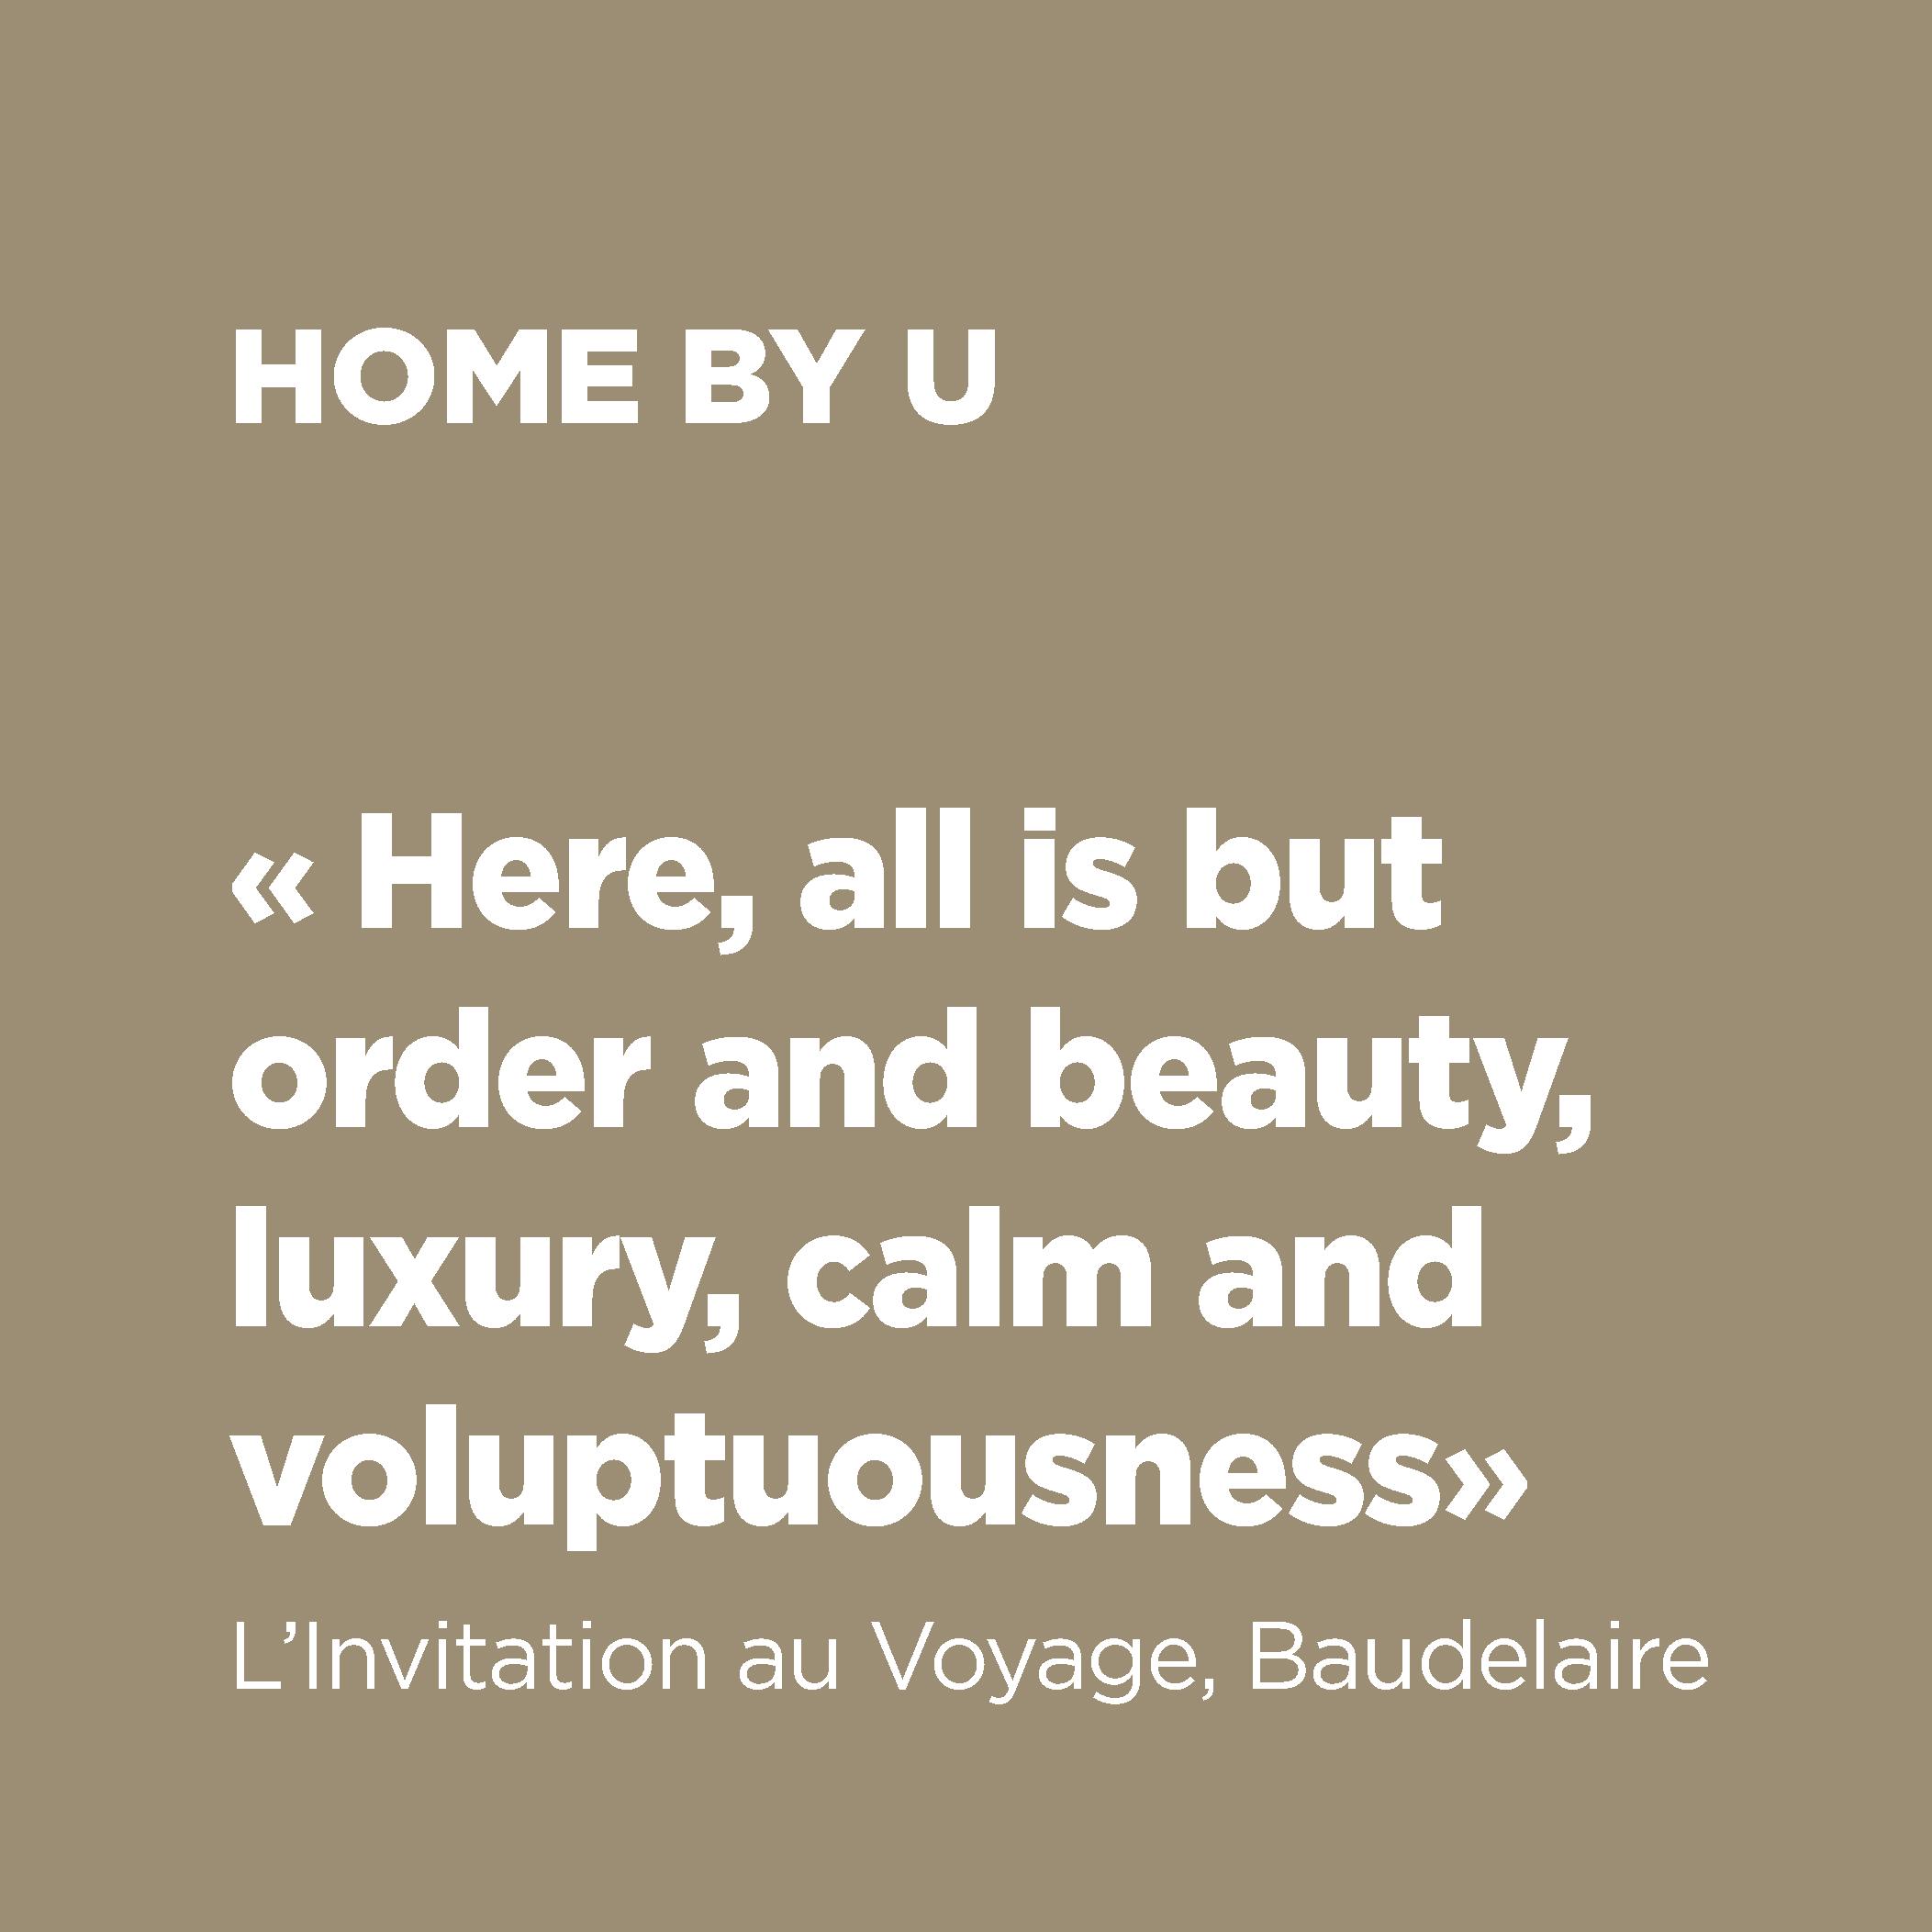 DESCRIPTIF IDENTITE HOME BY U VIKIU DESIGN